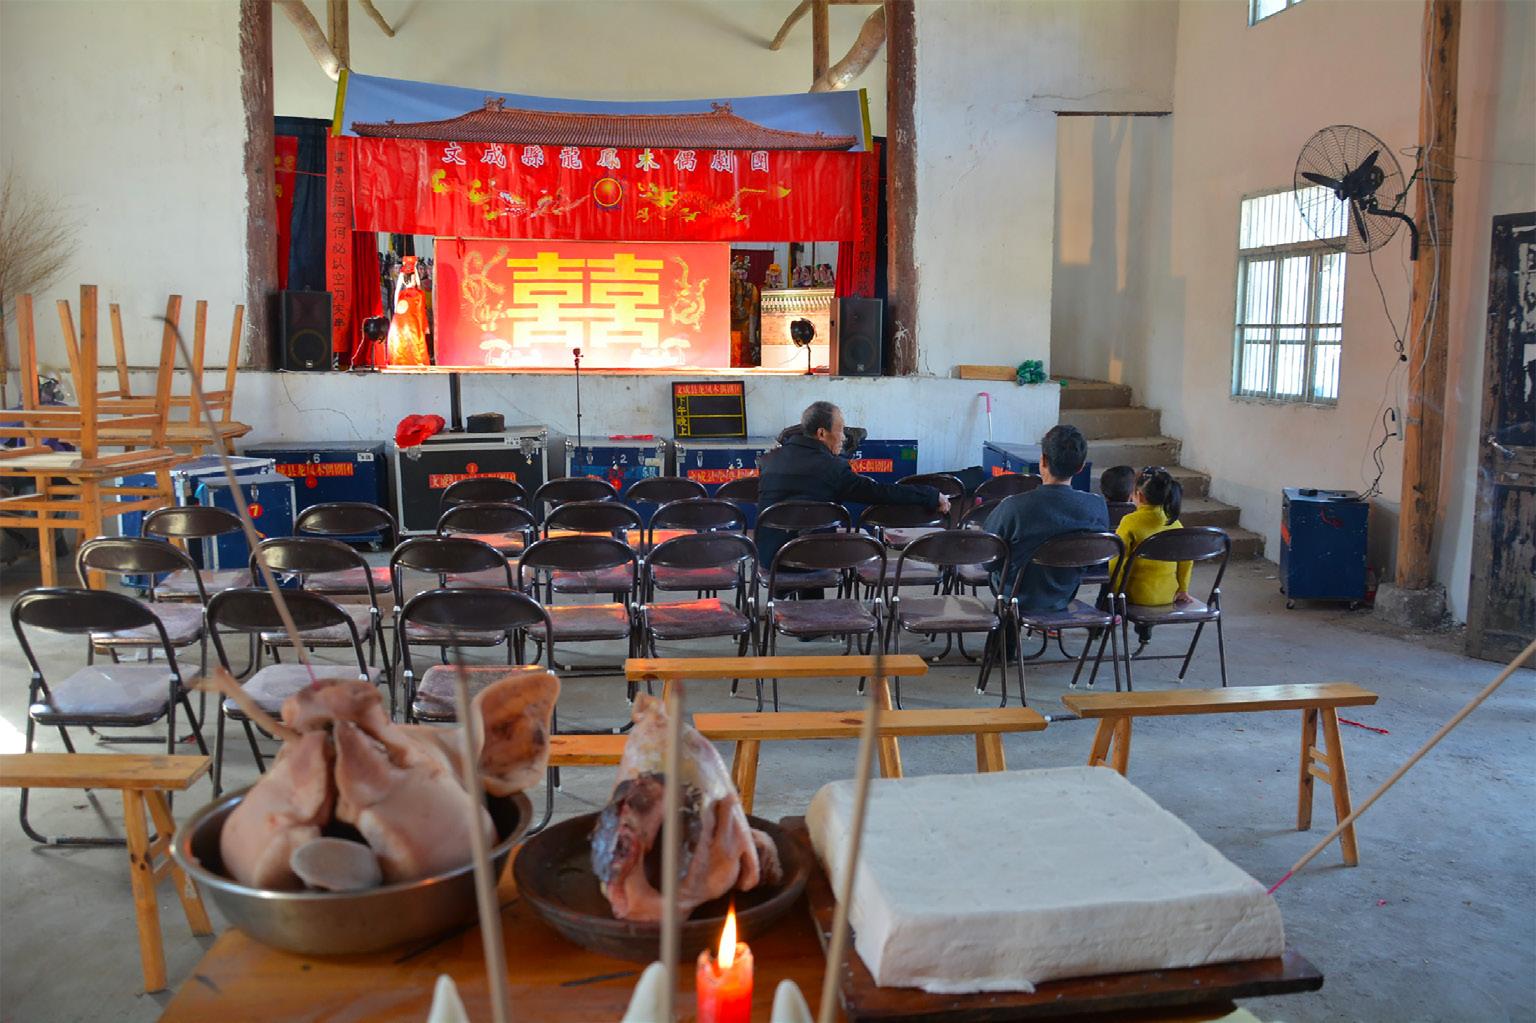 FIGURA 6. Altare sacrificale posizionato di fronte al palcoscenico di Fu'ao dove avrà inizio lo spettacolo delle marionette (foto: F. Serratore).